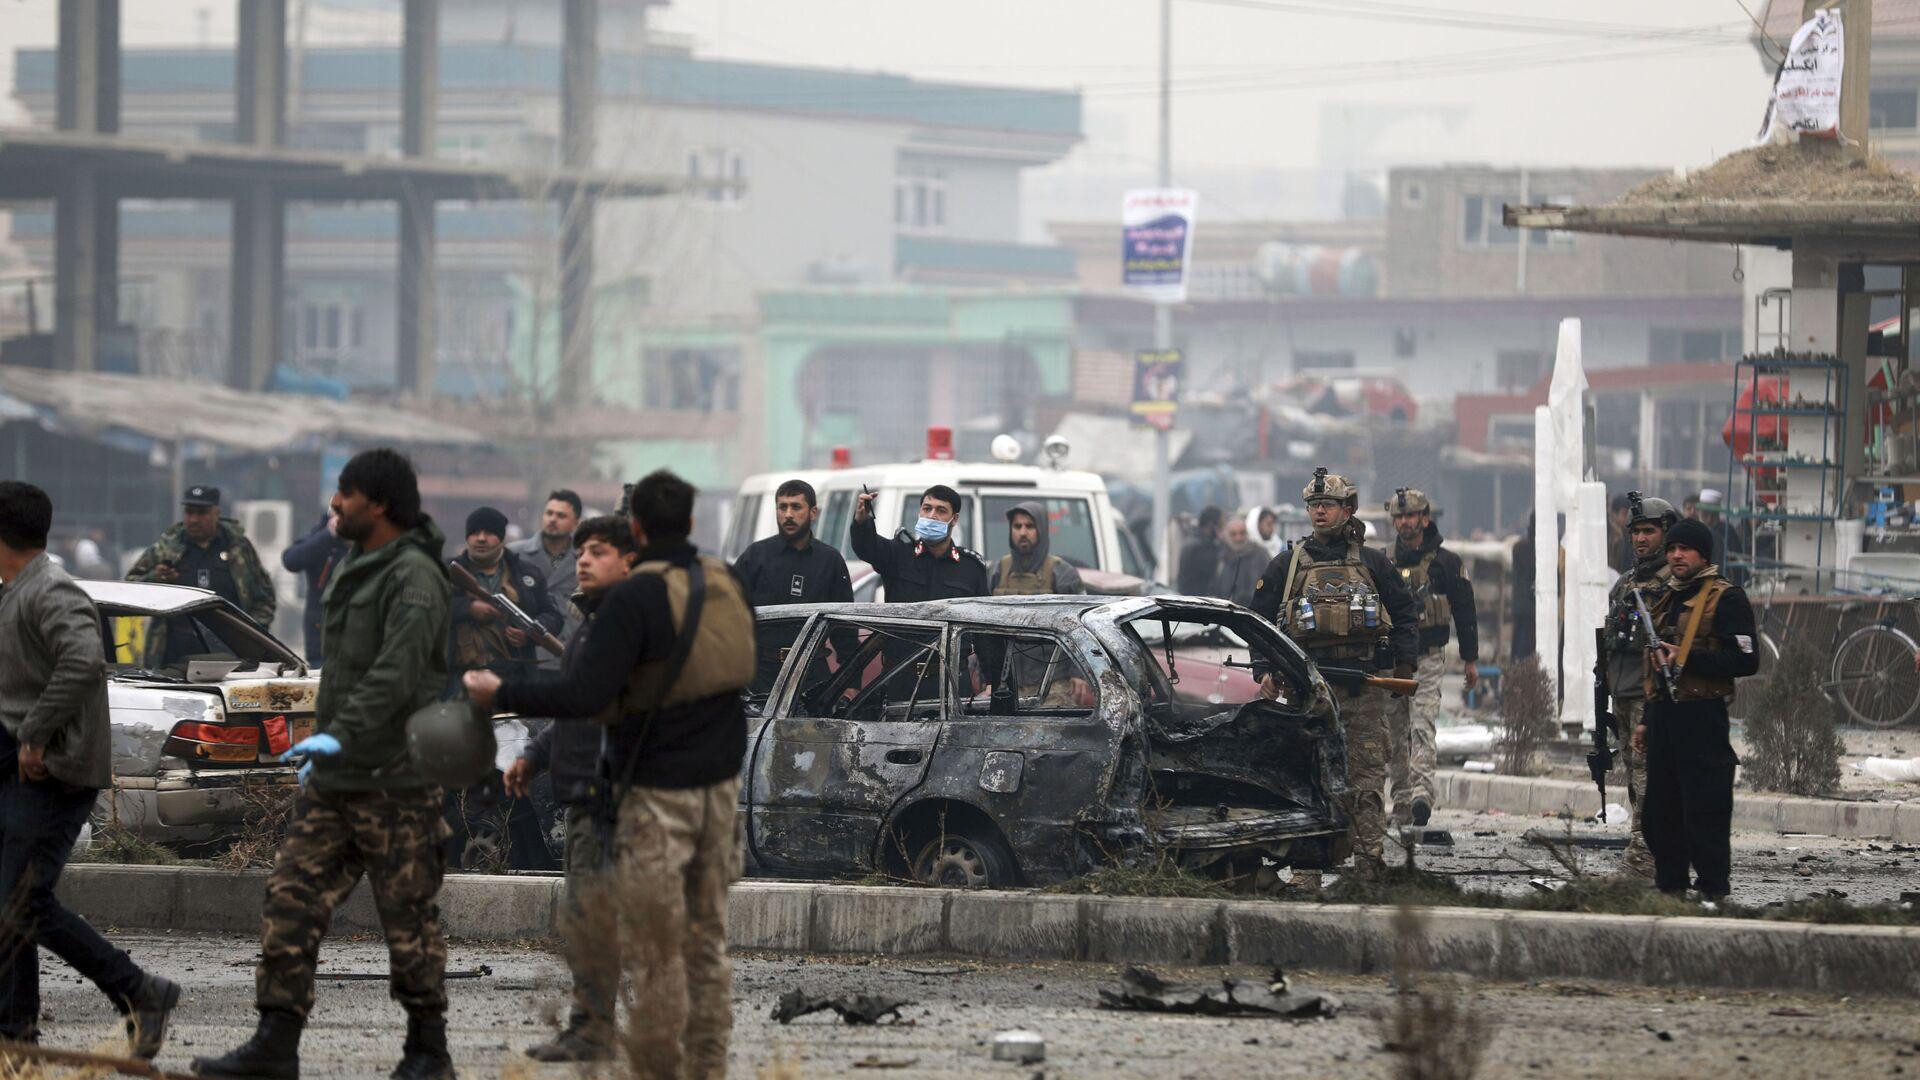 Сотрудники службы безопасности Афганистана осматривают место взрыва бомбы в Кабуле, 20 декабря 2020 - Sputnik Тоҷикистон, 1920, 01.04.2021